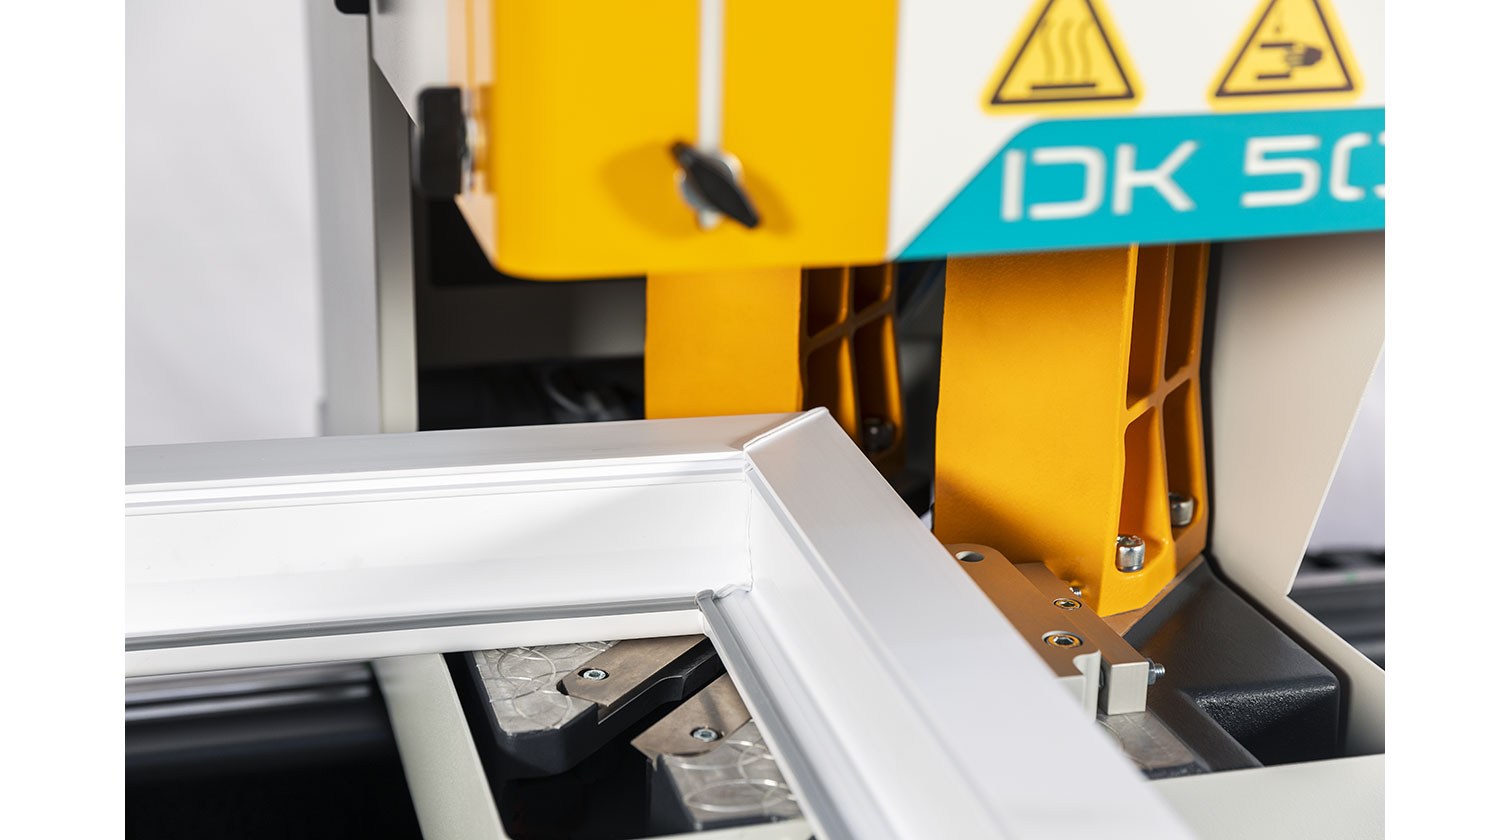 INT pvc windows two point welder Yilmaz DK 502 corner detail 2